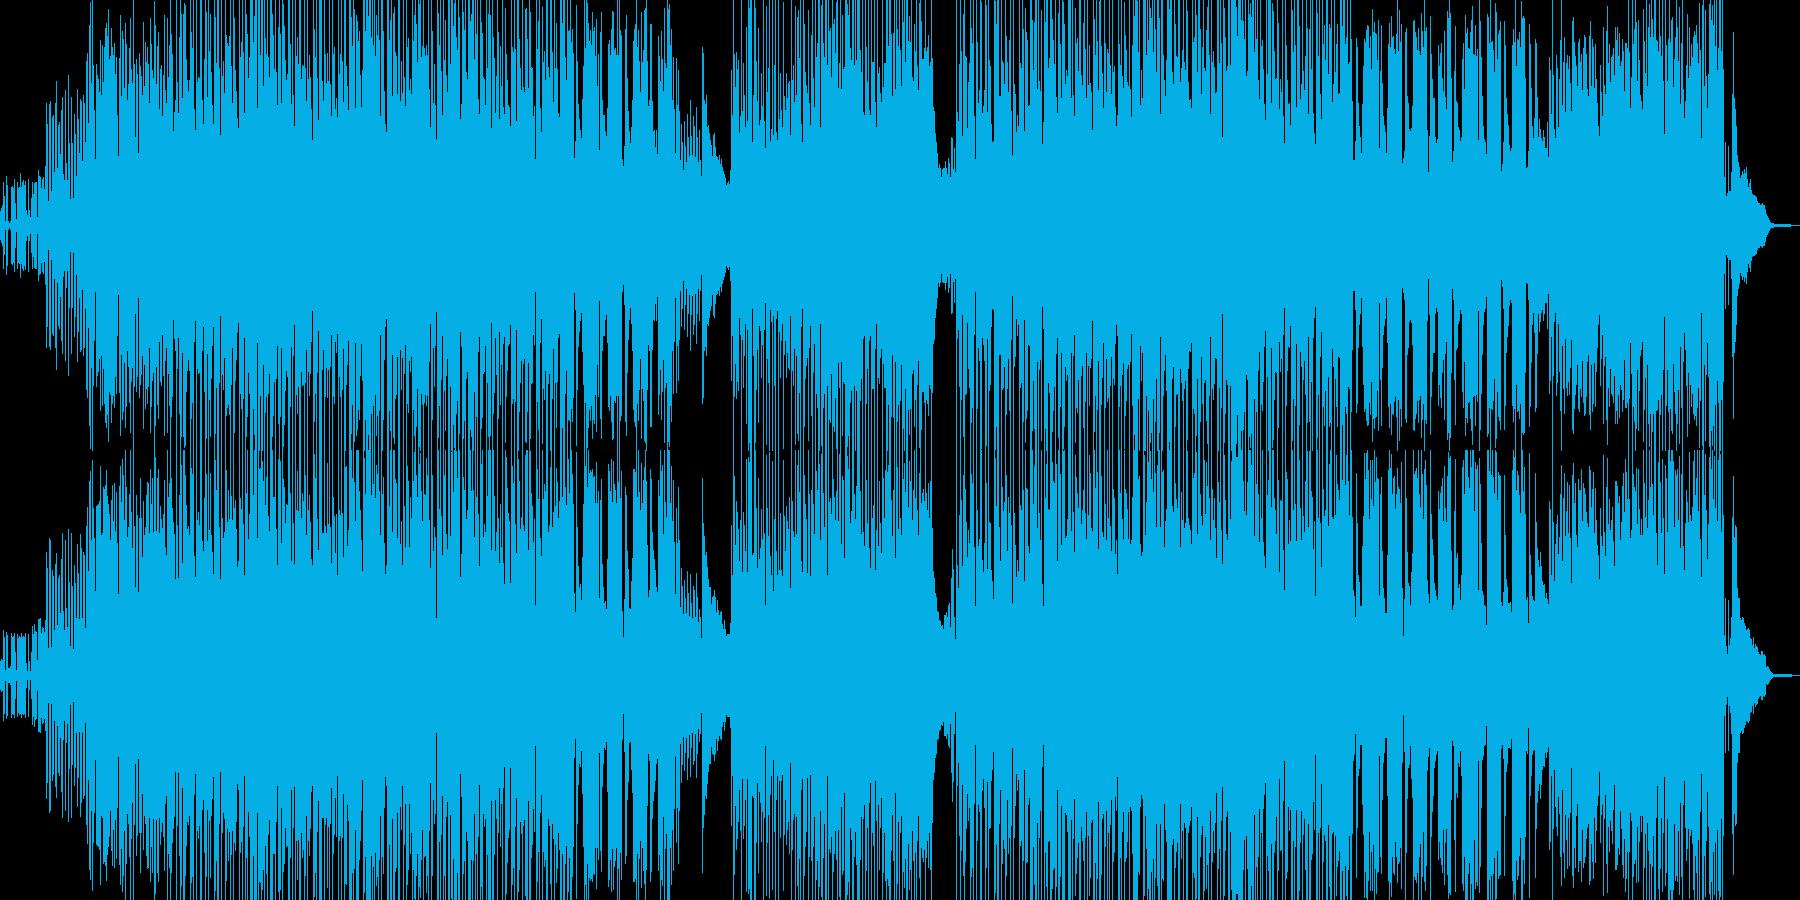 オシャレなフレーズ 疾走感溢れるBGMの再生済みの波形